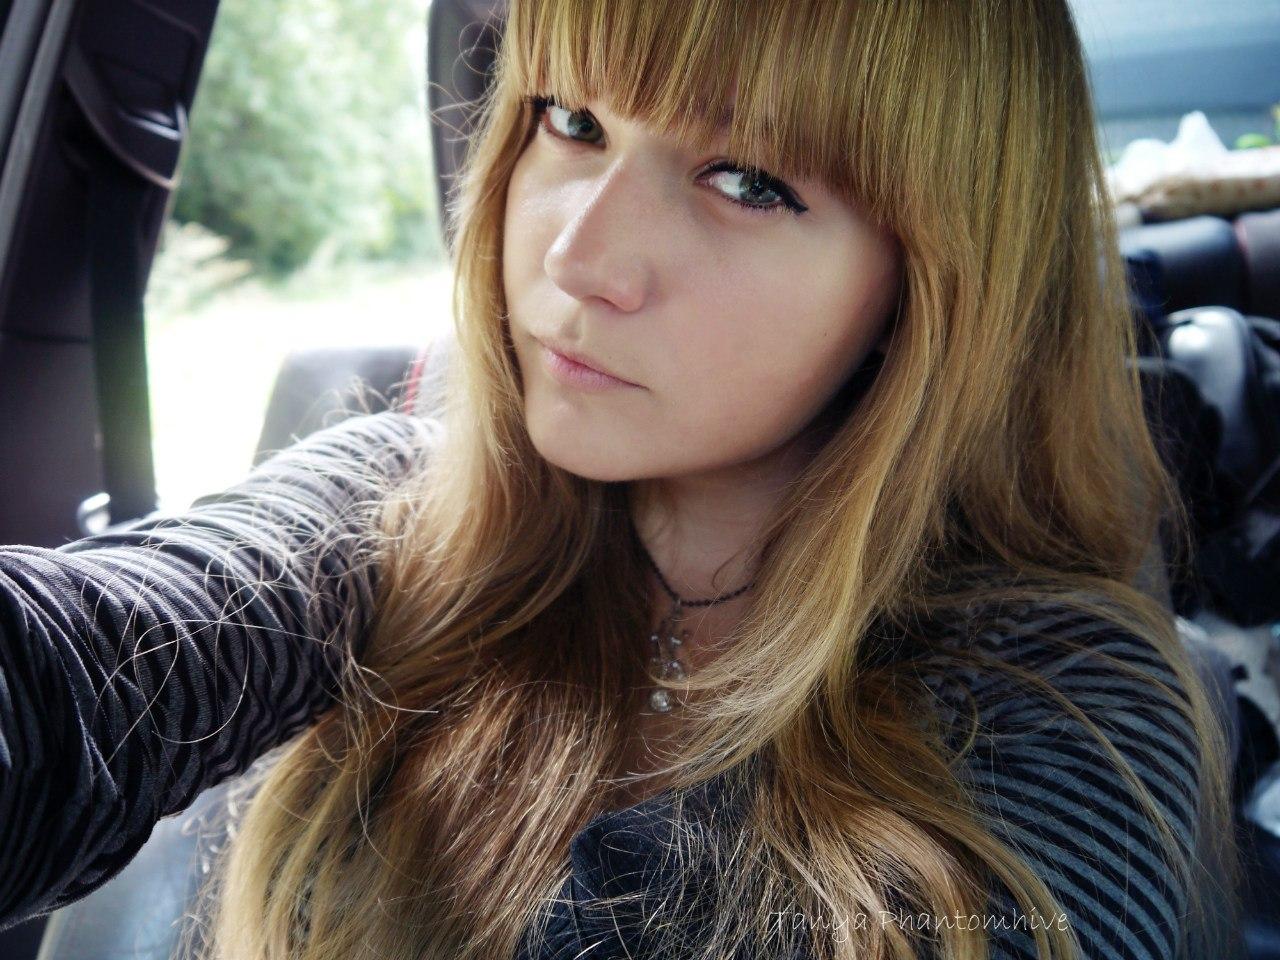 Красивые девушки 15лет 14 фотография